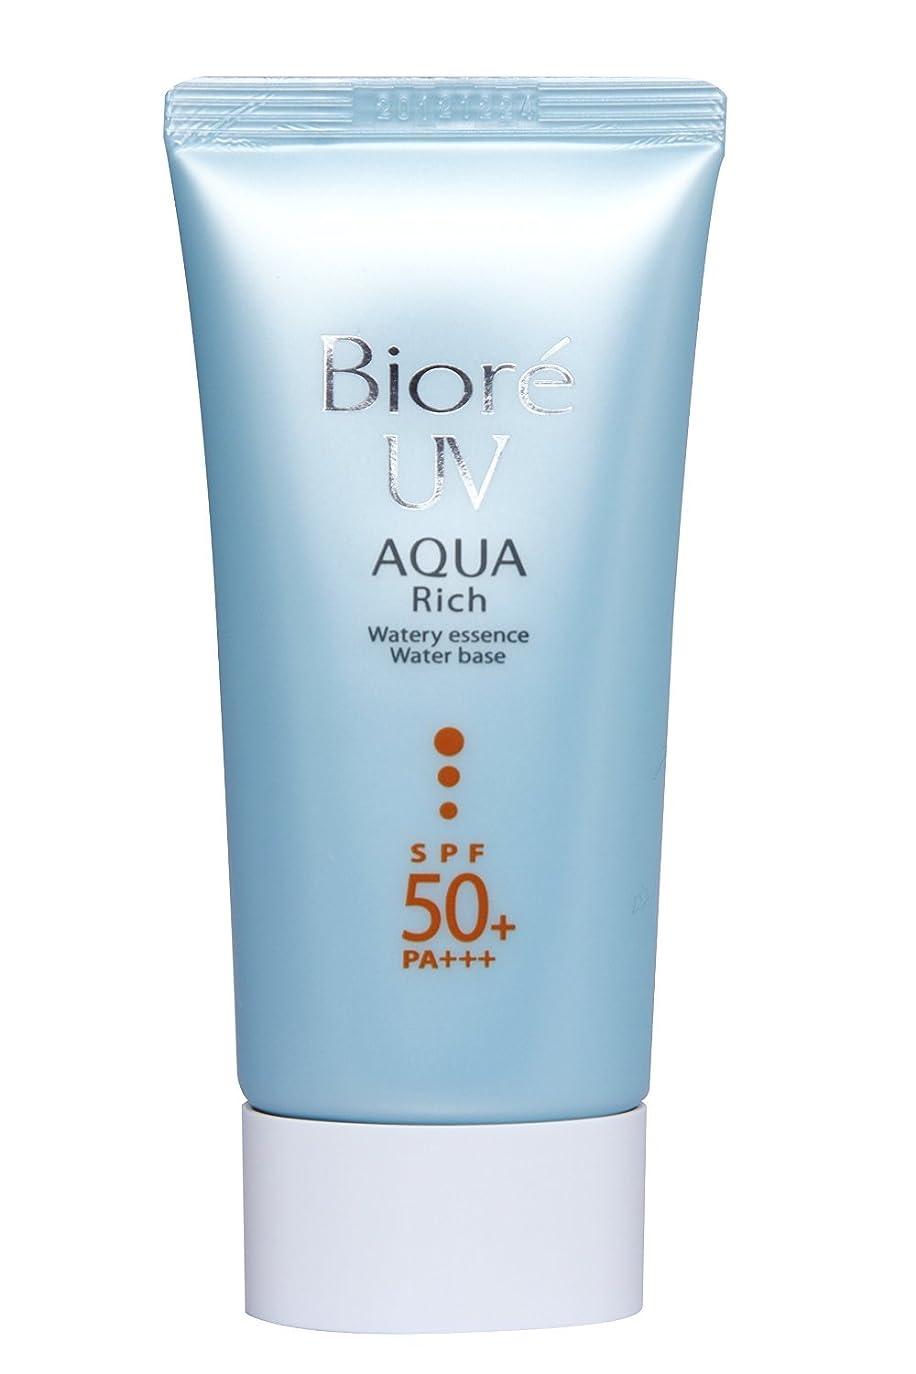 慢はっきりと遅滞Biore Uv Aqua Rich Watery Essence spf50?+ / PA + + + 50?ml